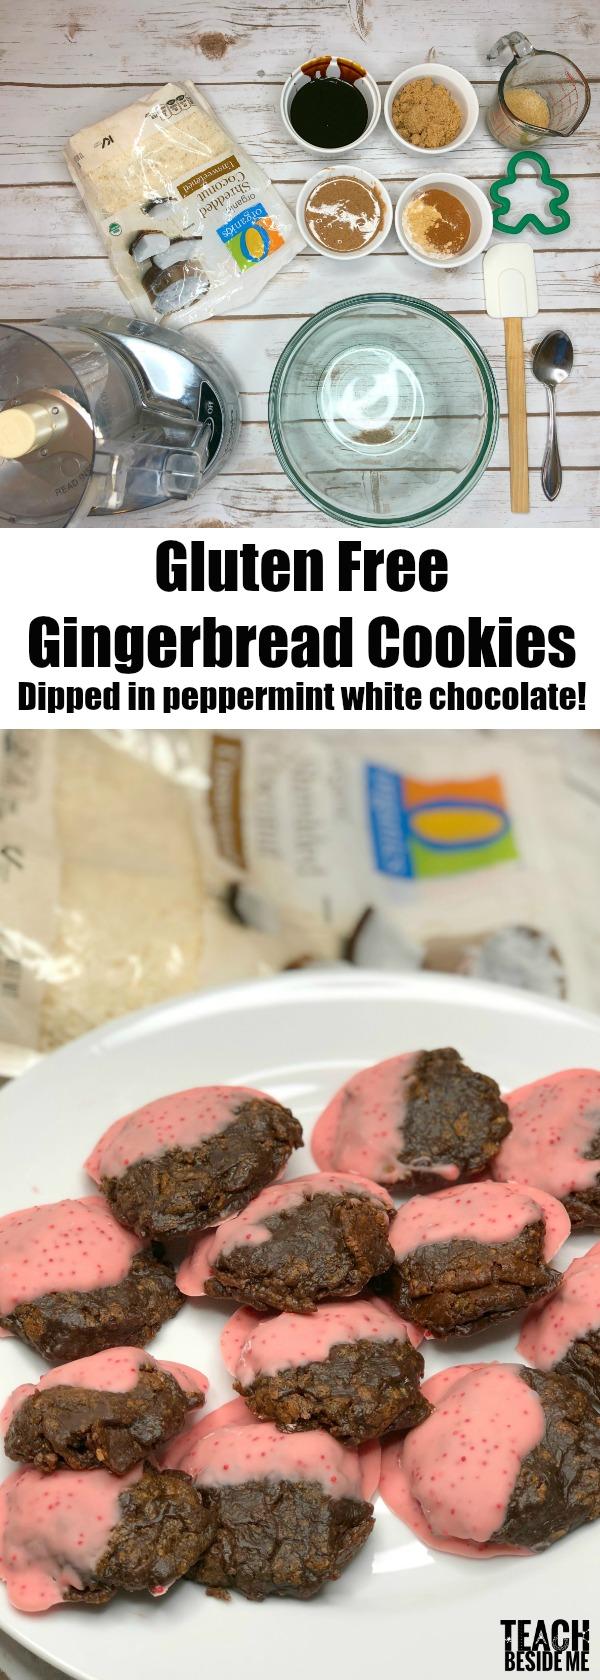 Vegan Gluten Free Gingerbread Cookies